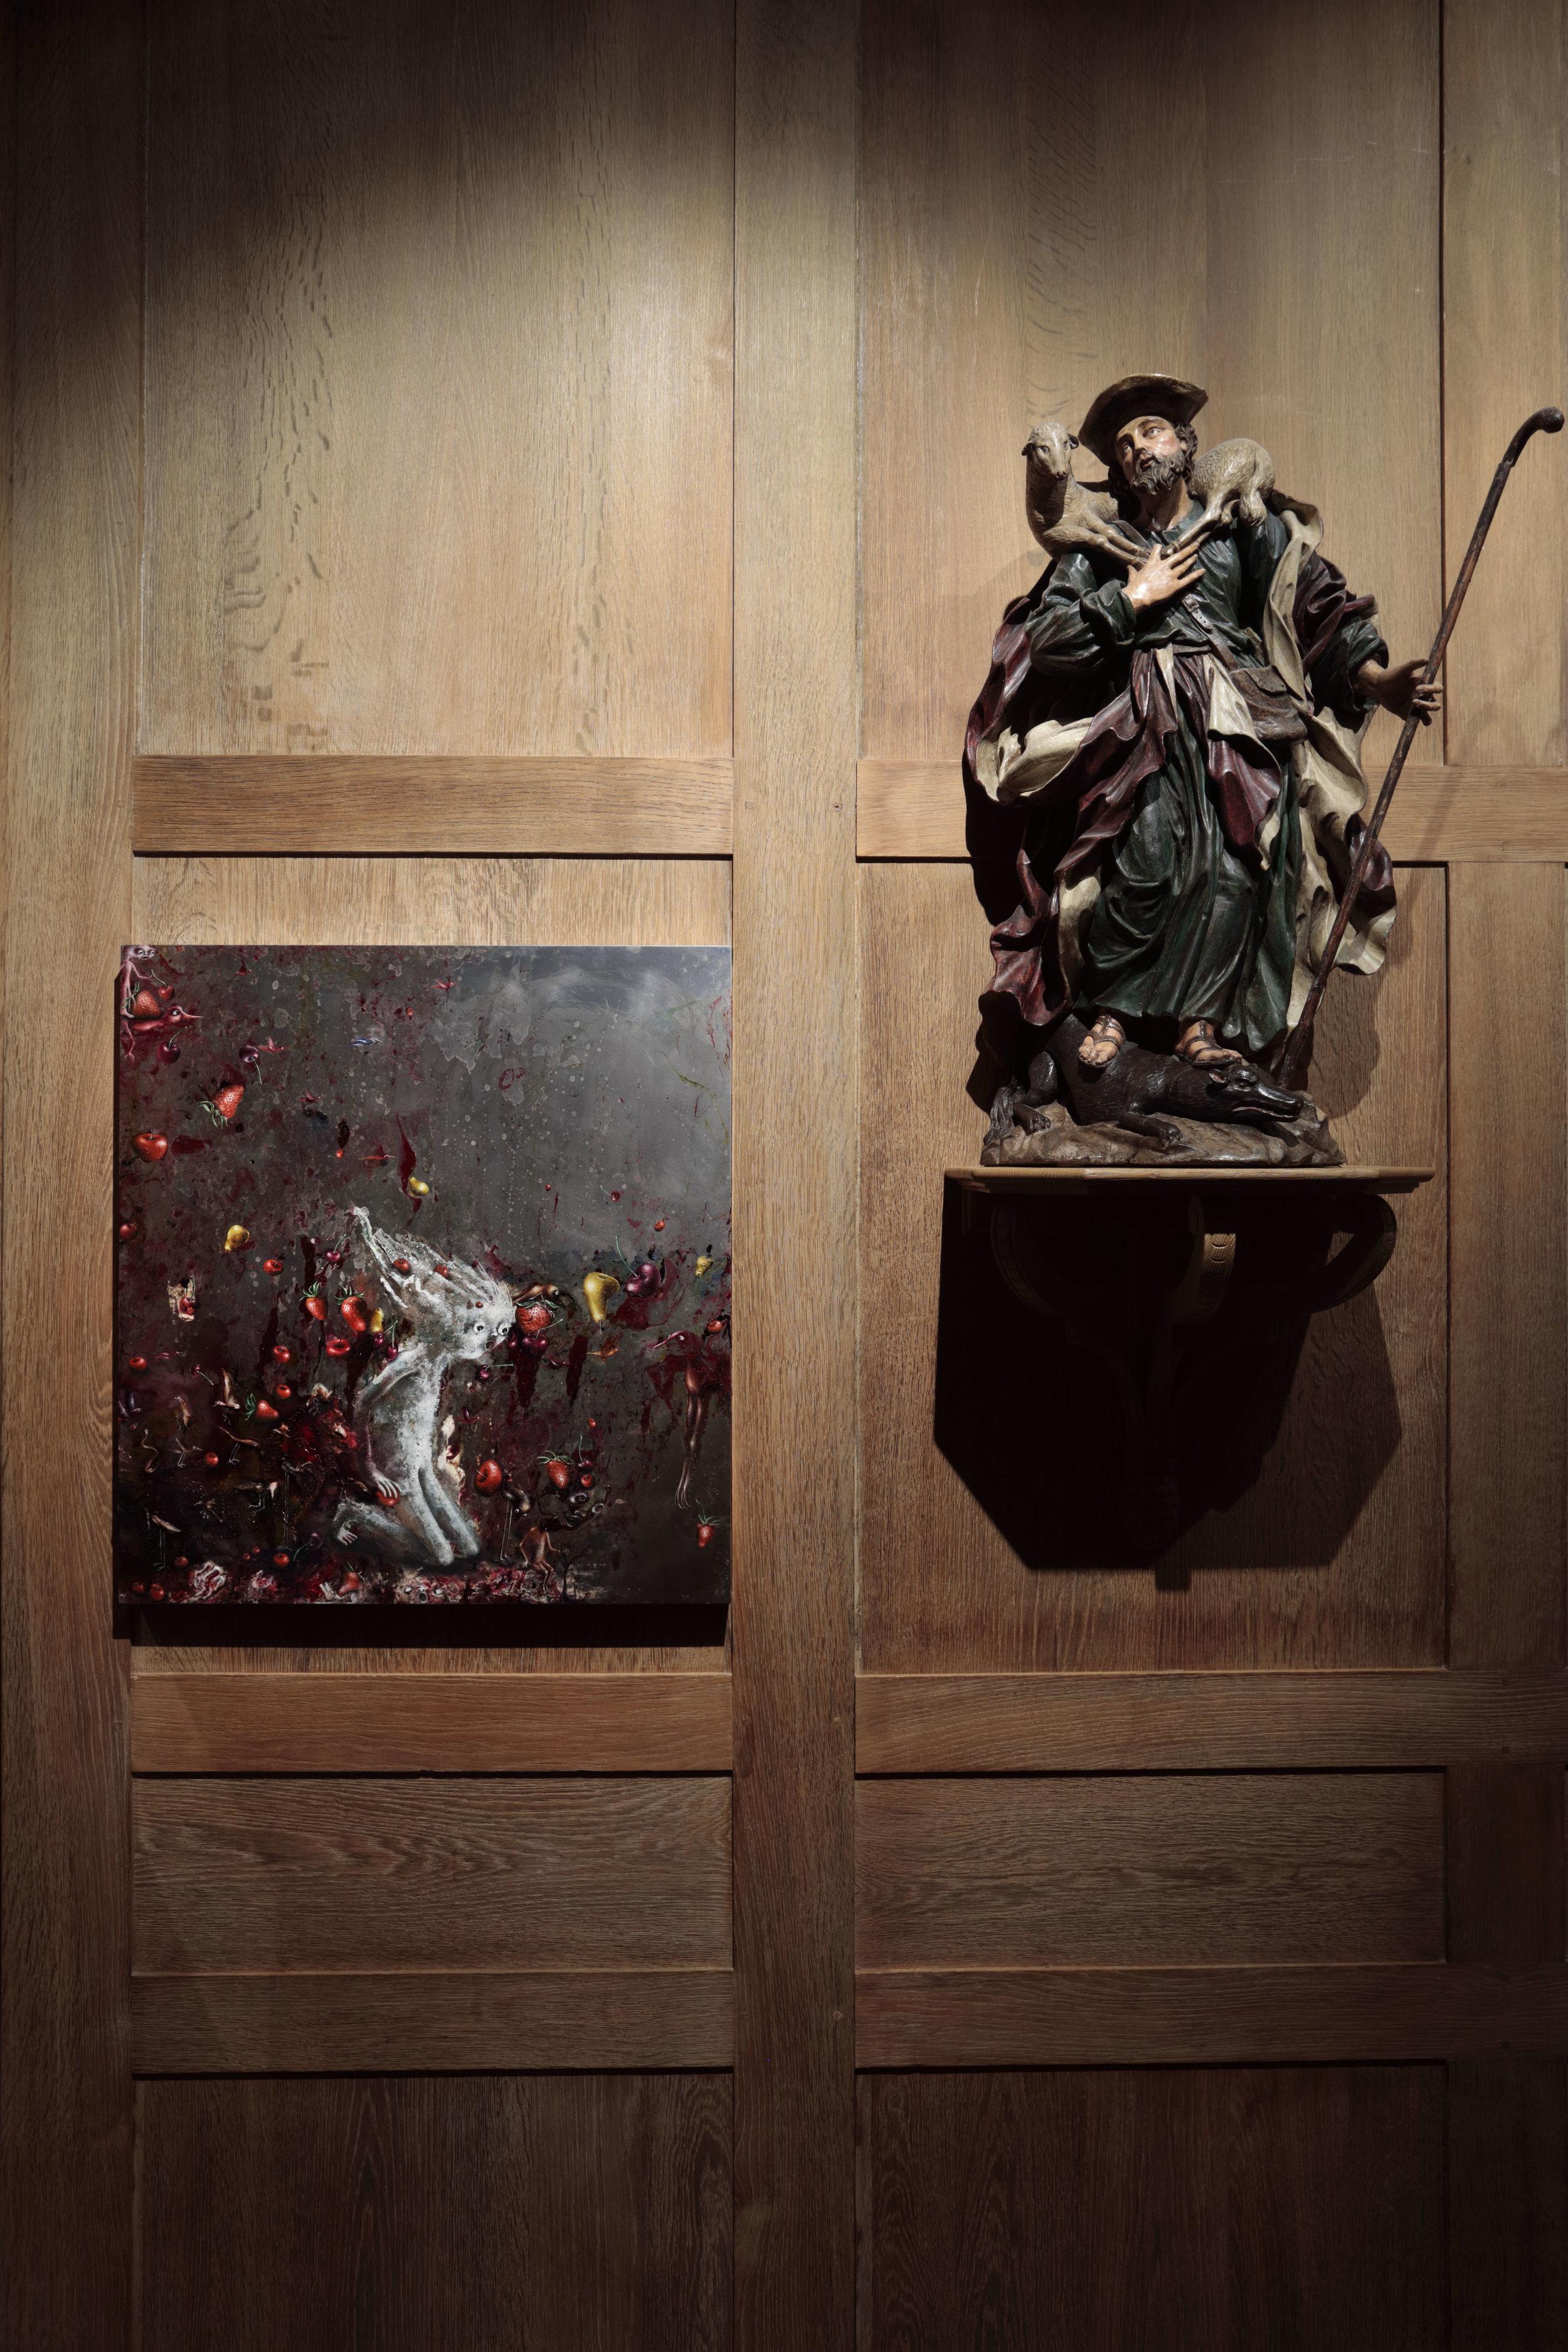 En plein coeur, Musée de la Chasse, Paris, 2018